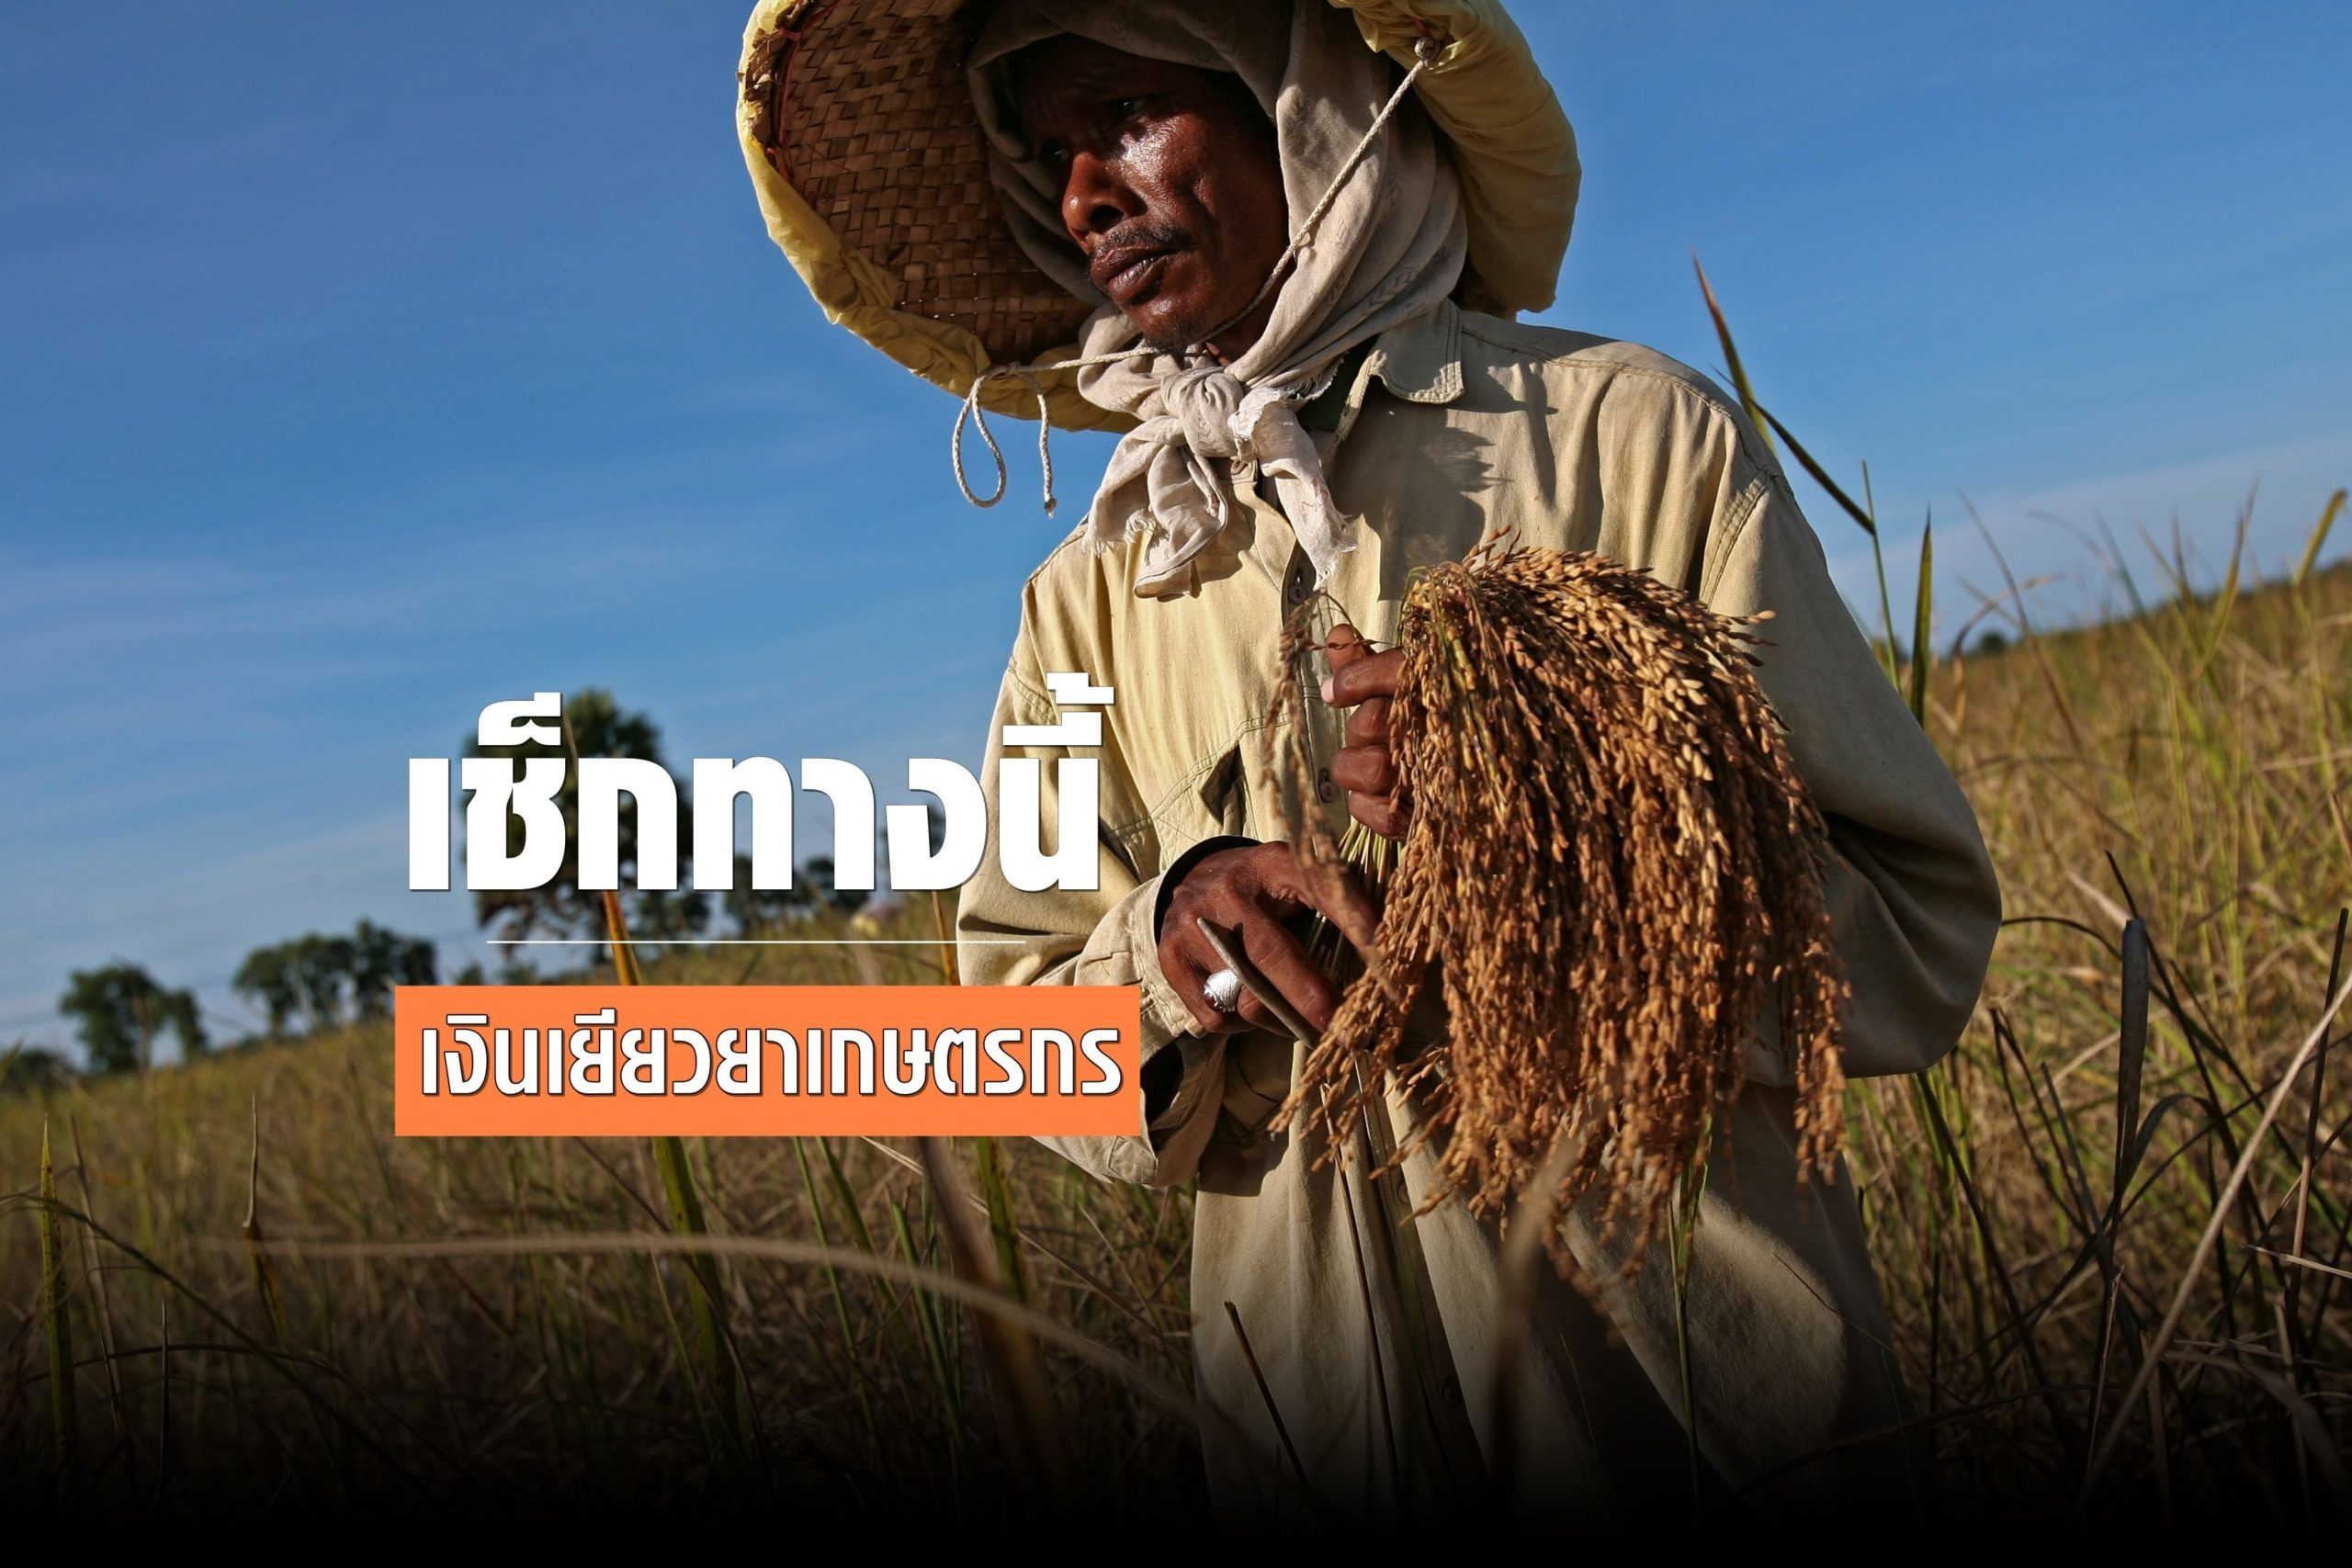 เงินเยียวยา เกษตรกรเช็กที่นี่! วันนี้ โอนอีก 1 ล้านราย พรุ่งนี้วันสุดท้าย